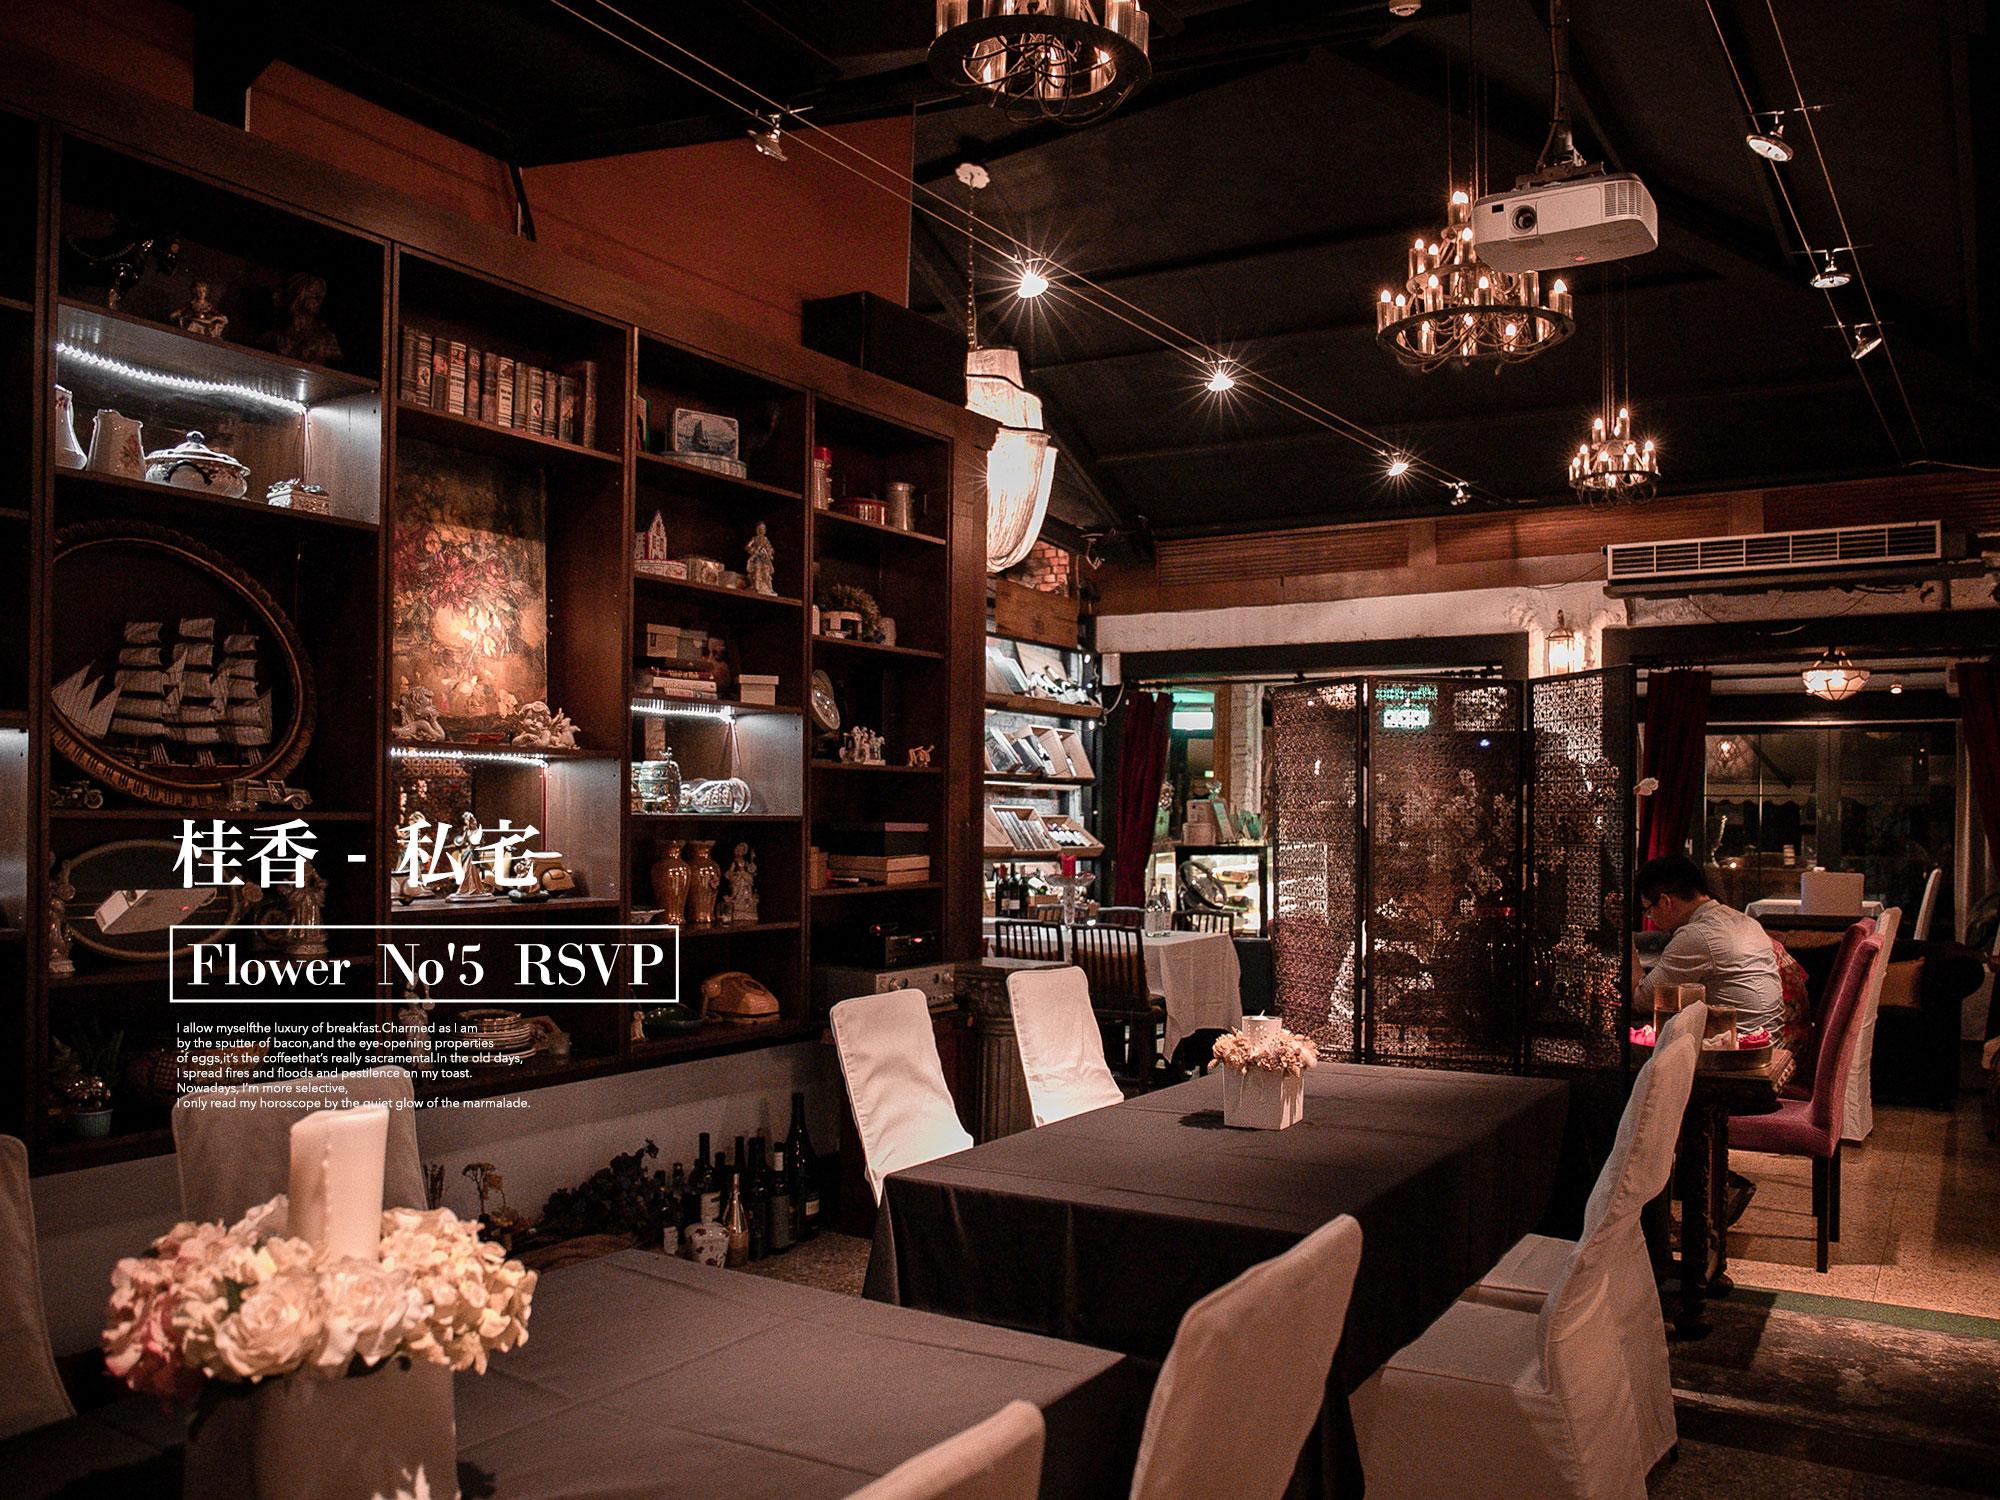 桂香私宅 Flower  No'5  RSVP|來頓浪漫燭光晚餐,私宅改造訂製義法料理,充滿情調的約會餐廳(含Menu、包廂介紹)